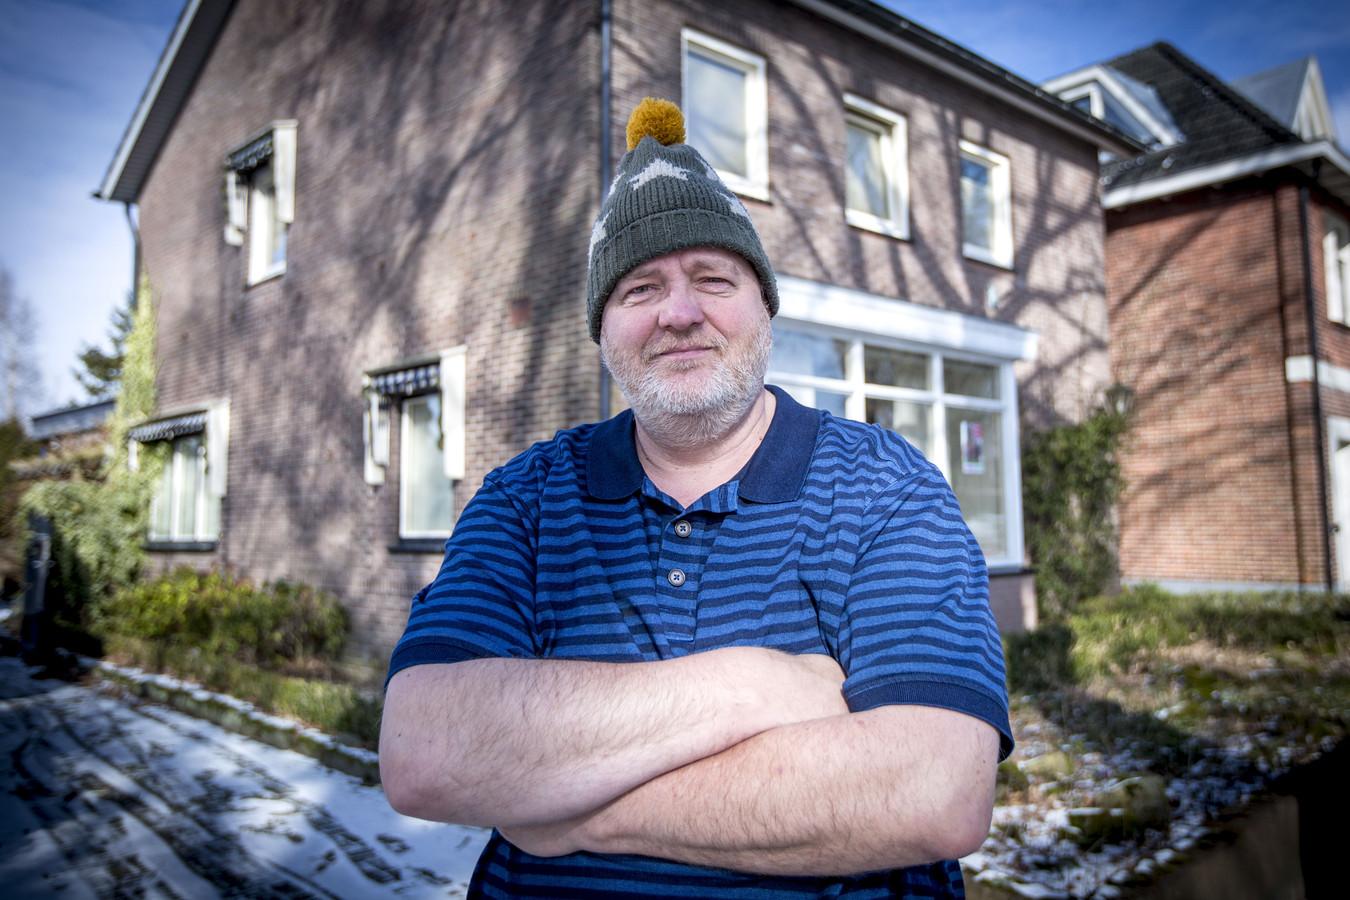 Harry Snijders is de nieuwe leider van de GroenLinks-fractie en is vastbesloten zijn eigen koers te varen.